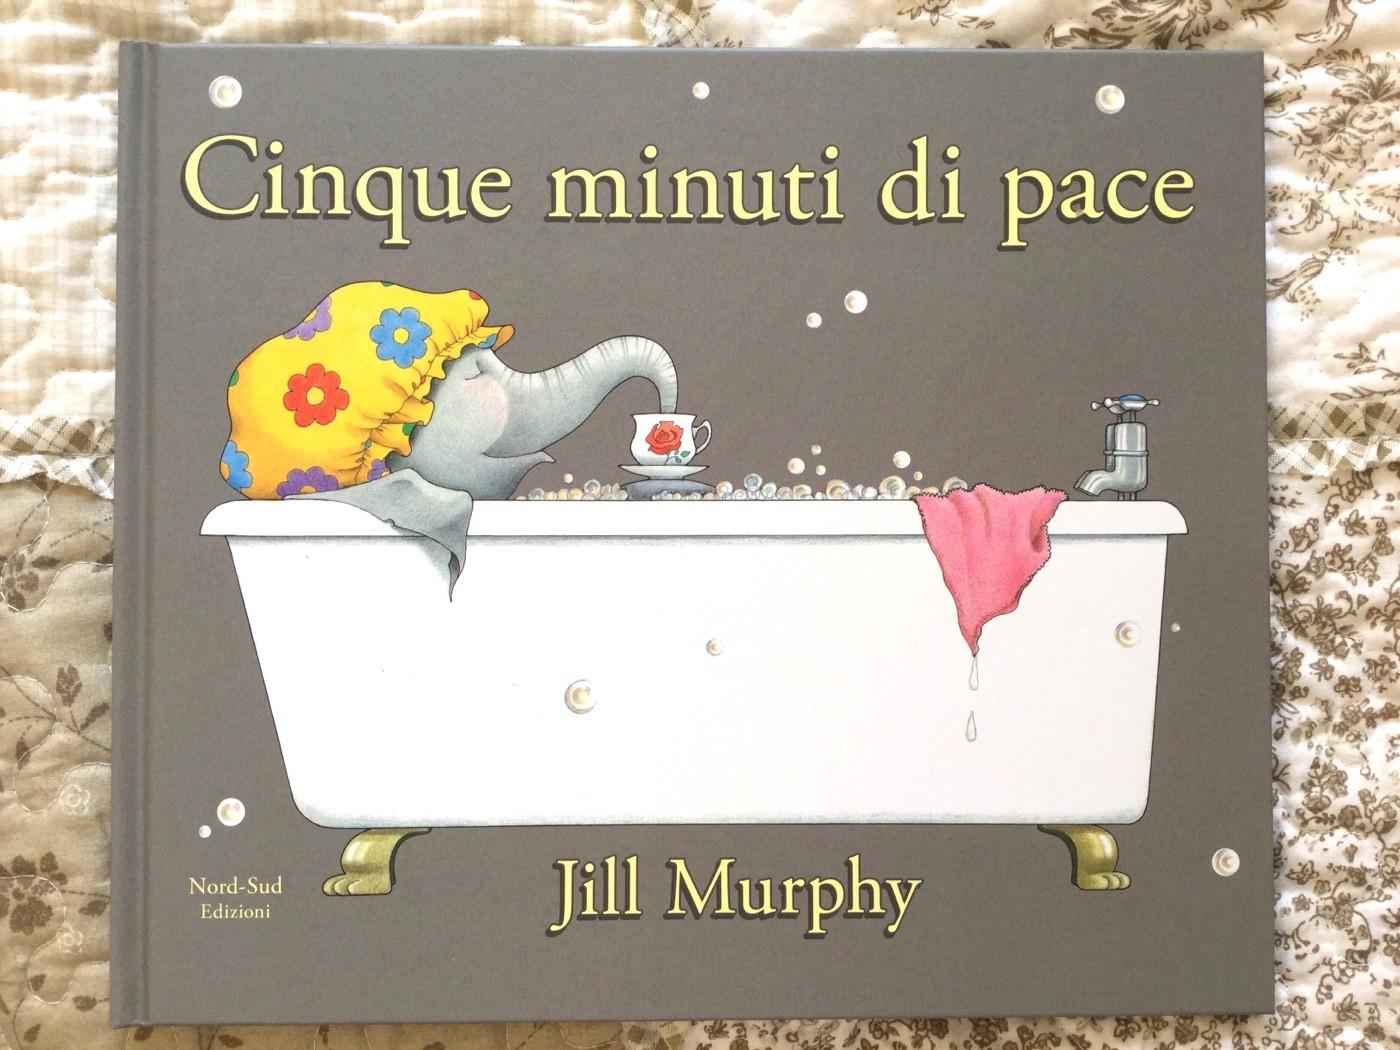 Cinque minuti di pace - Jill Murphy